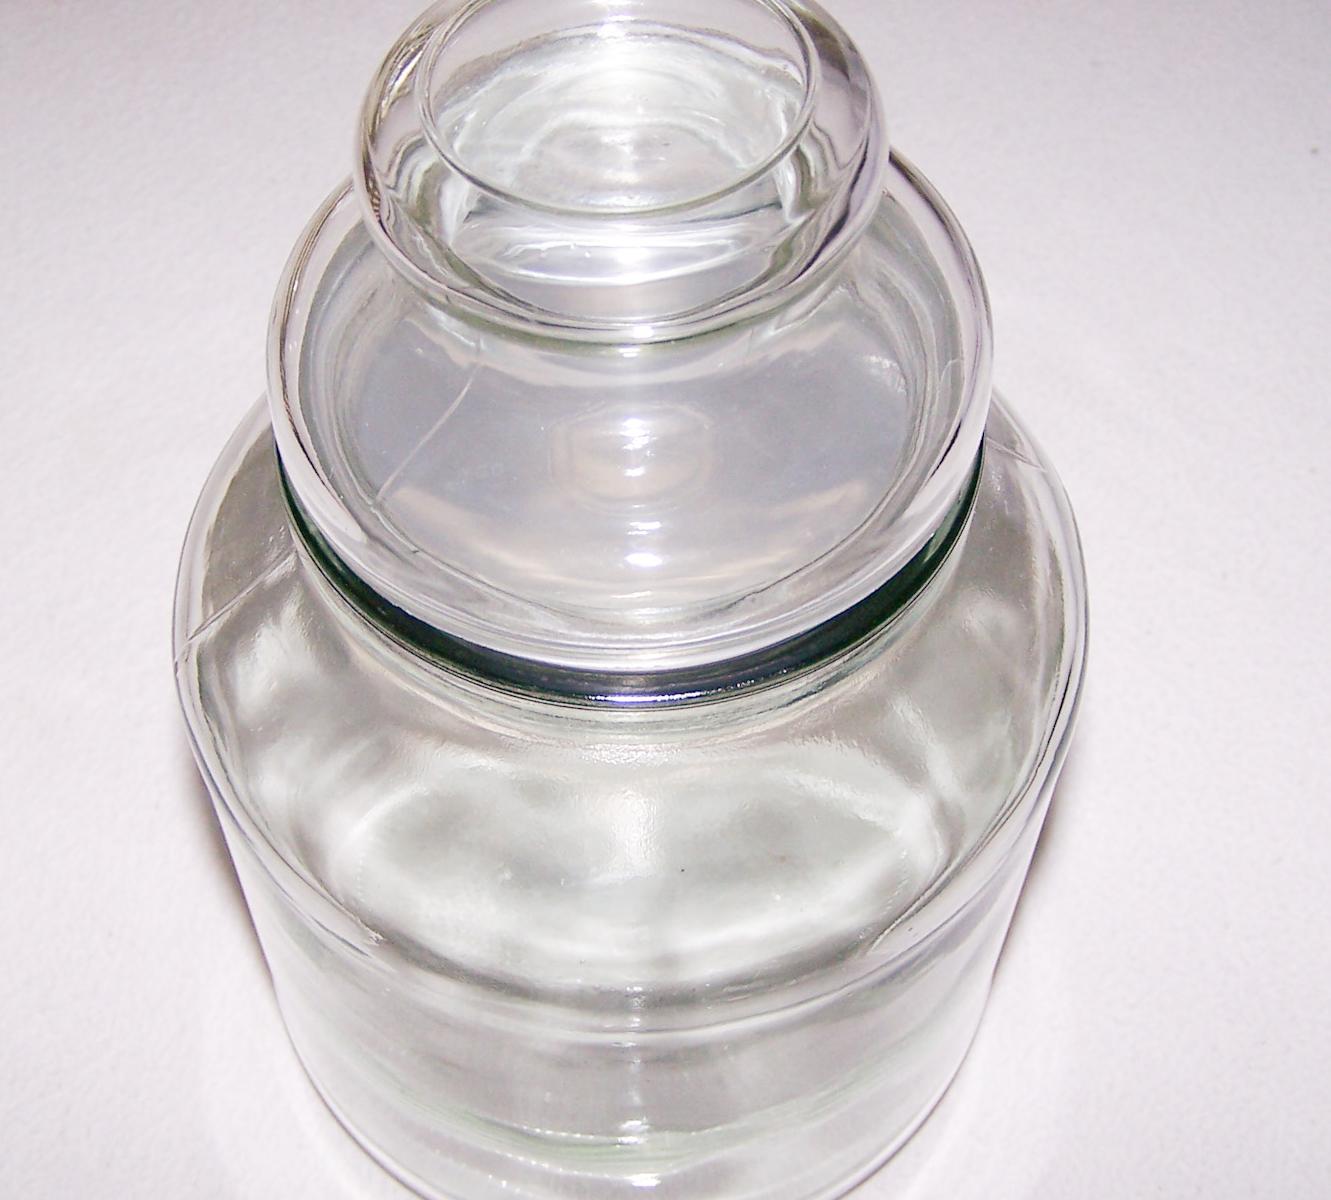 Haushalt - aufbewahren - Vorratsglas für Bonbons